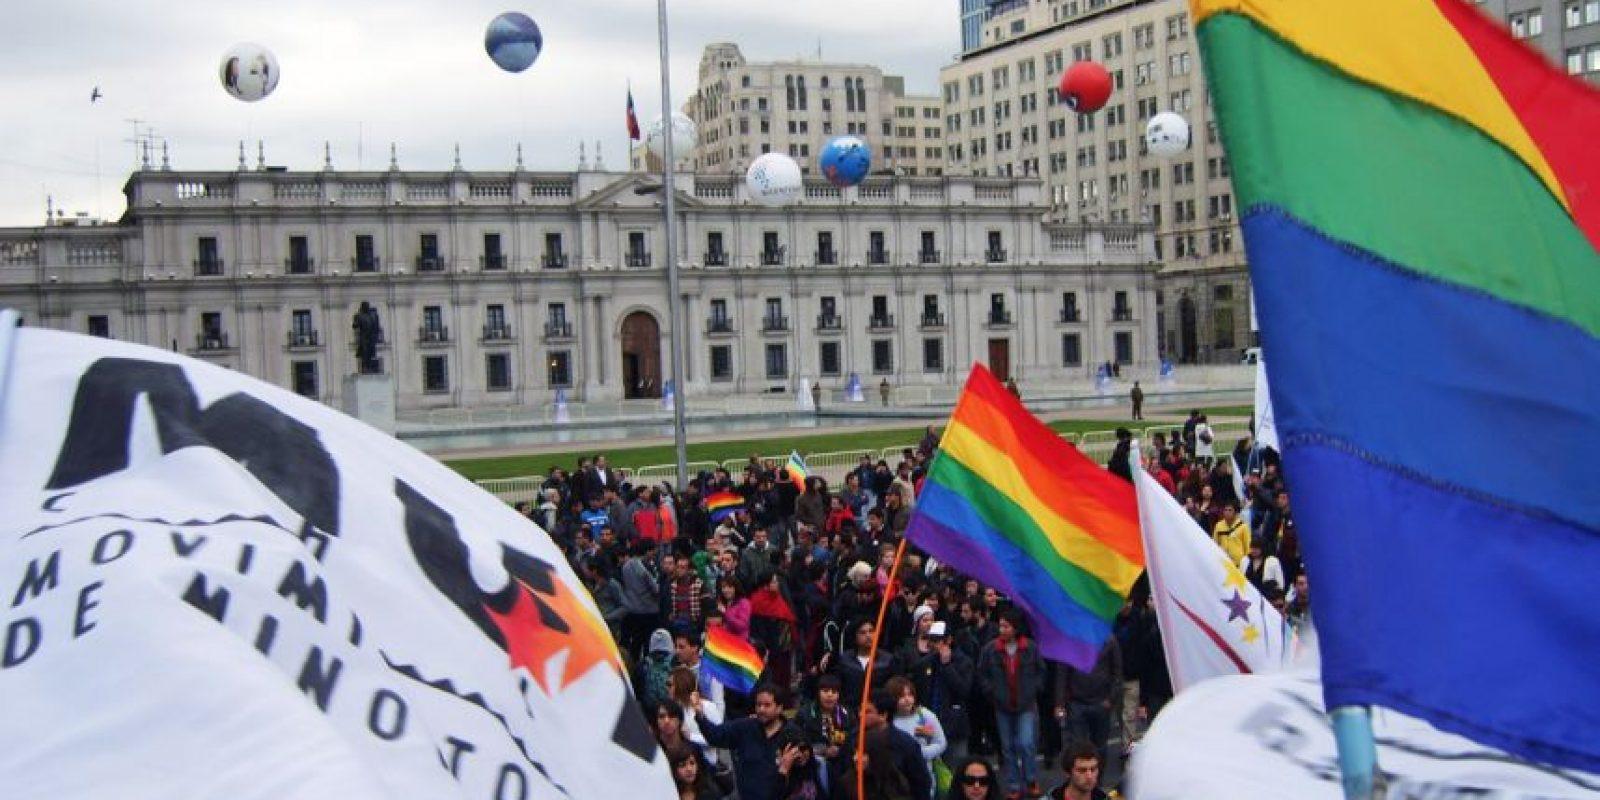 Desde el 22 de julio de 2010 el matrimonio entre parejas del mismo sexo es legal. Este país fue el pionero a nivel latinoamericano. Foto:Wikipedia.org